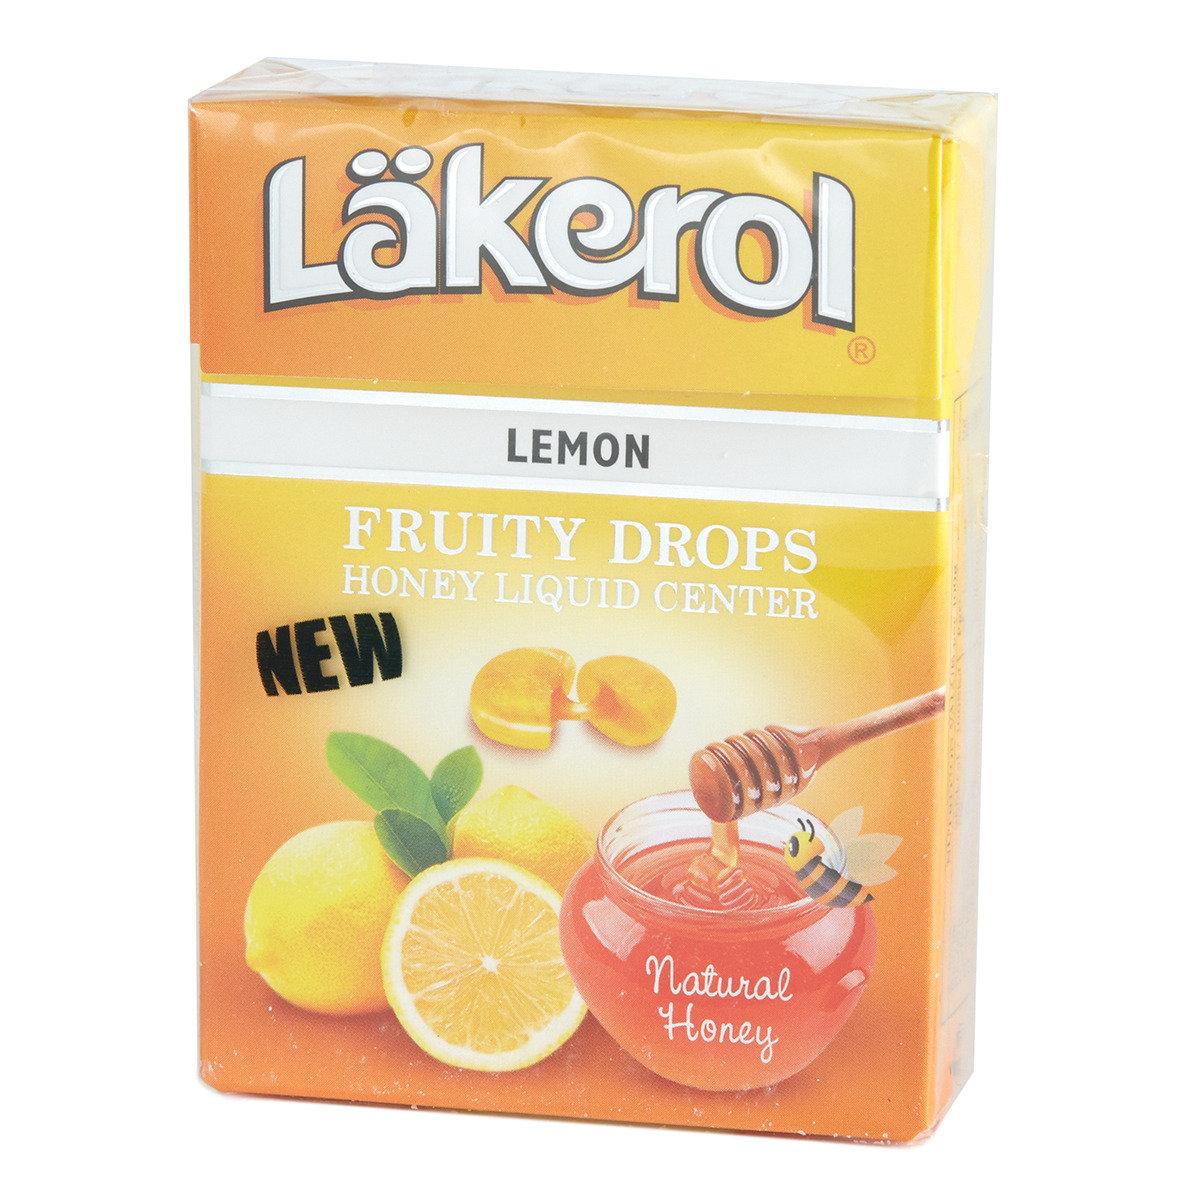 蜜糖流心潤喉糖檸檬味